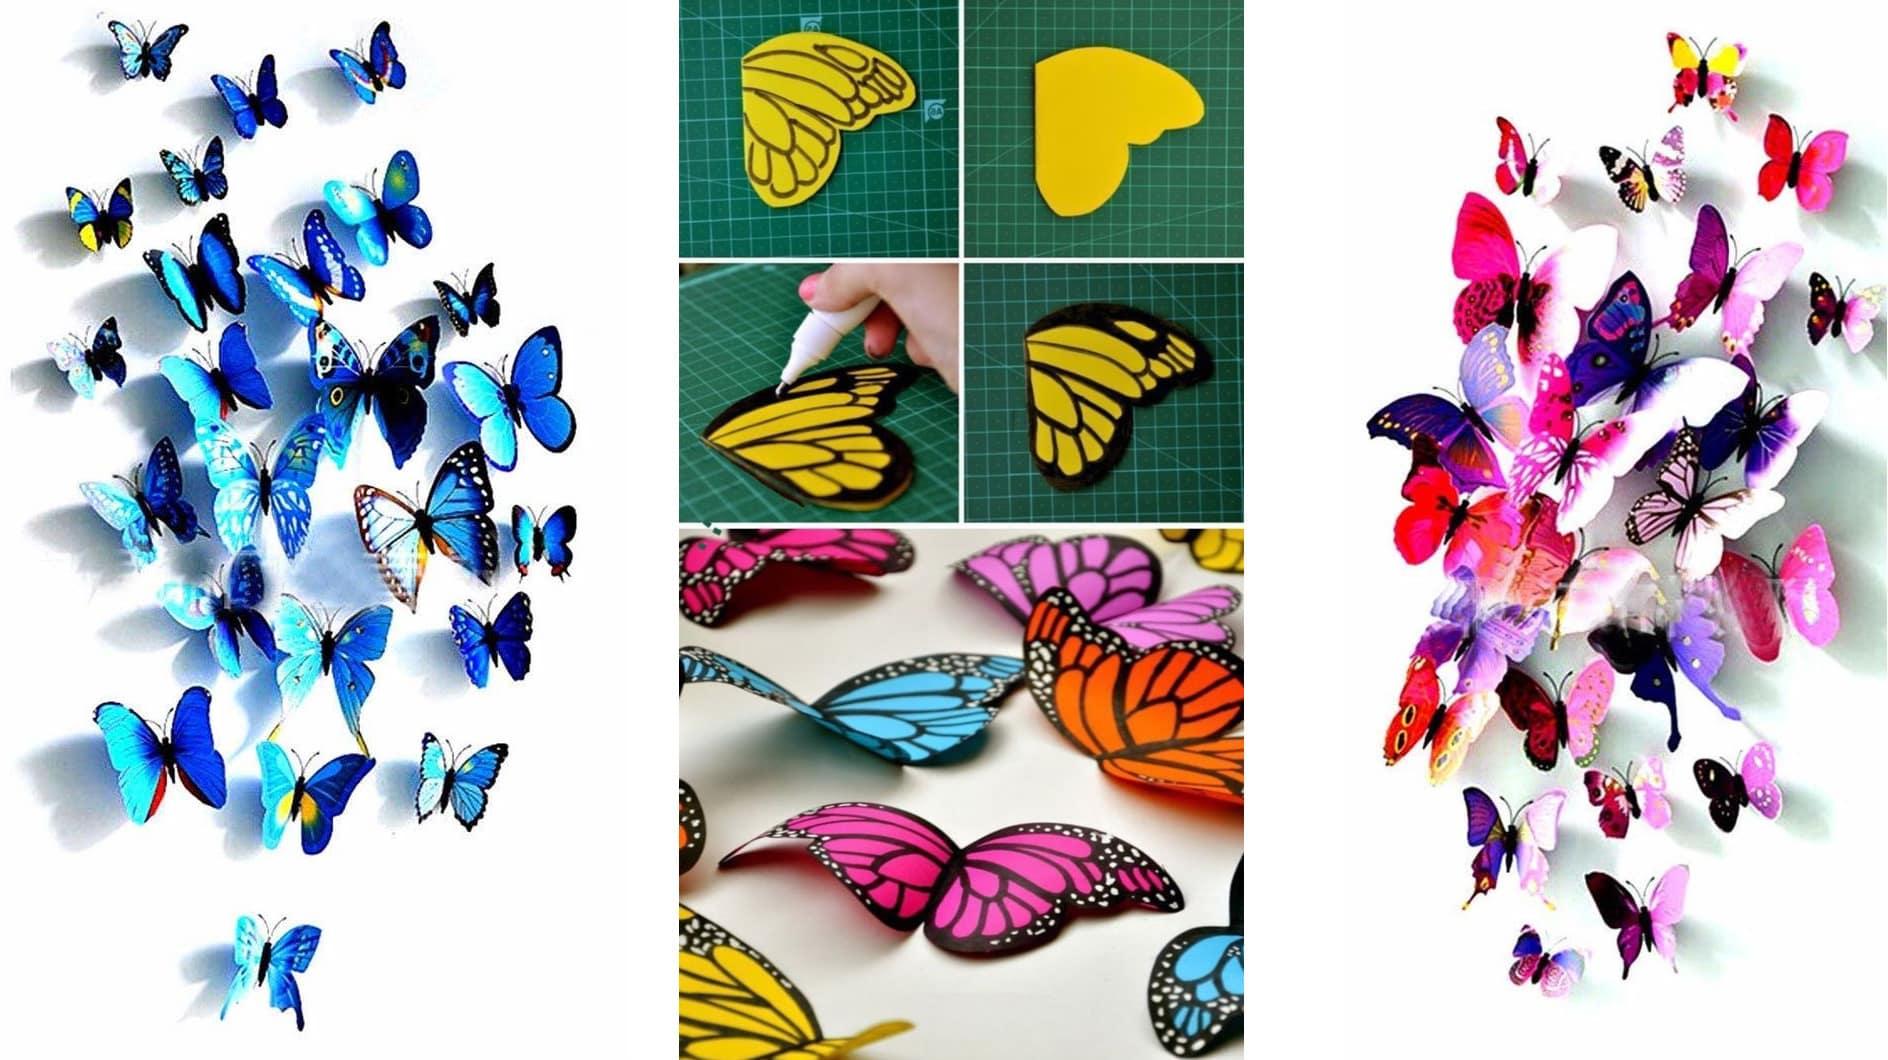 Объемную бабочку можно самостоятельно нарисовать и вырезать из цветной бумаги